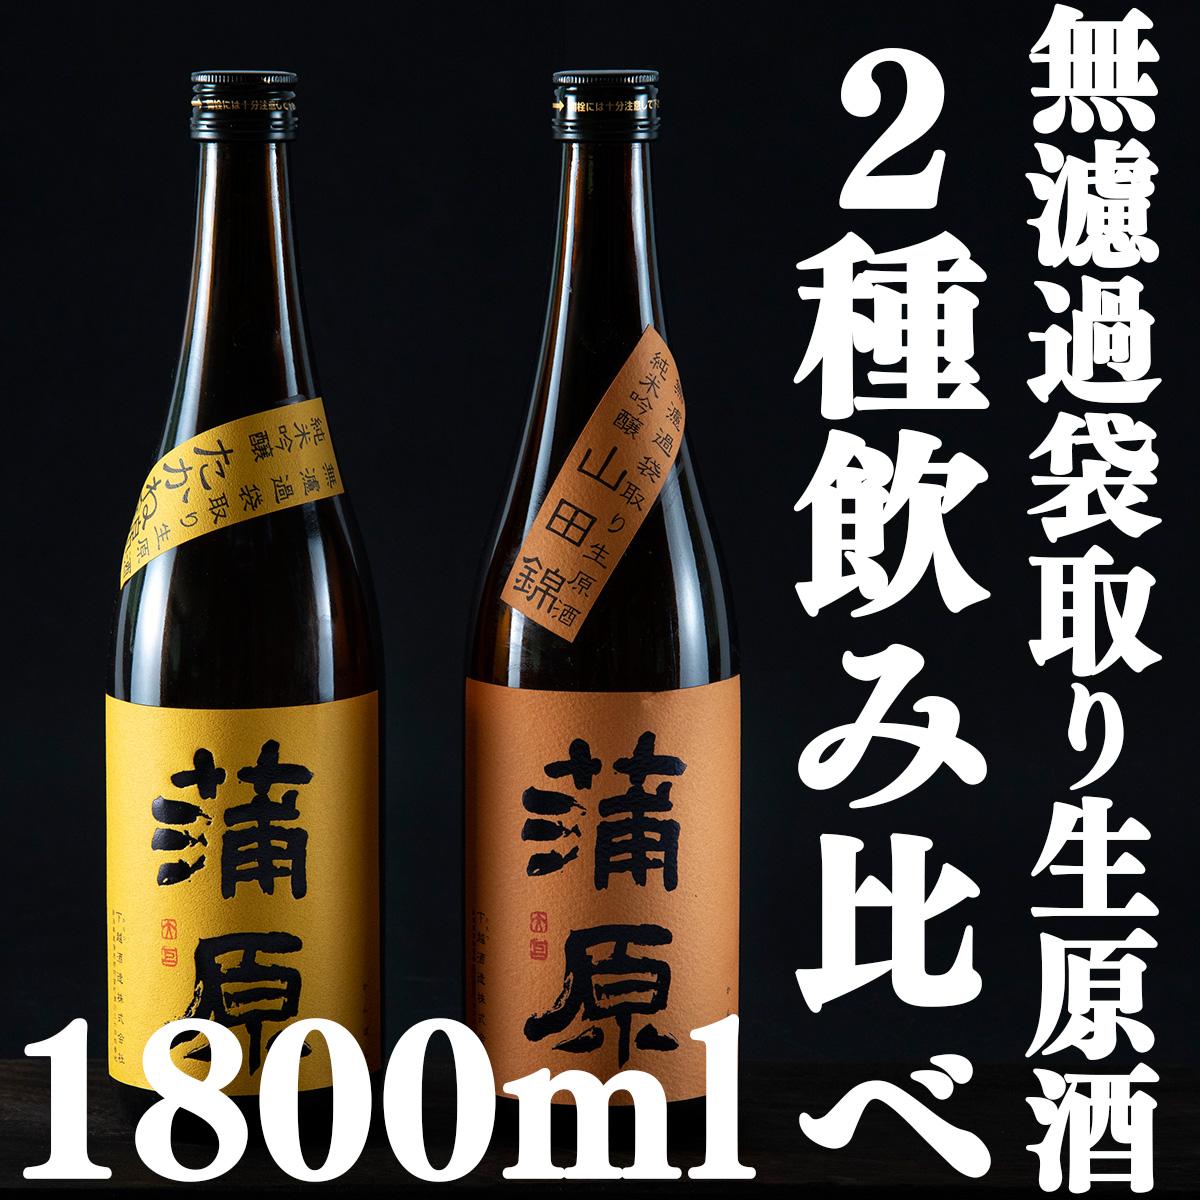 【ふるさと納税】【B-1】純米吟醸『蒲原』「山田錦」1本、「たかね錦」1本 無濾過袋取り生原酒 1.8L 飲み比べセット